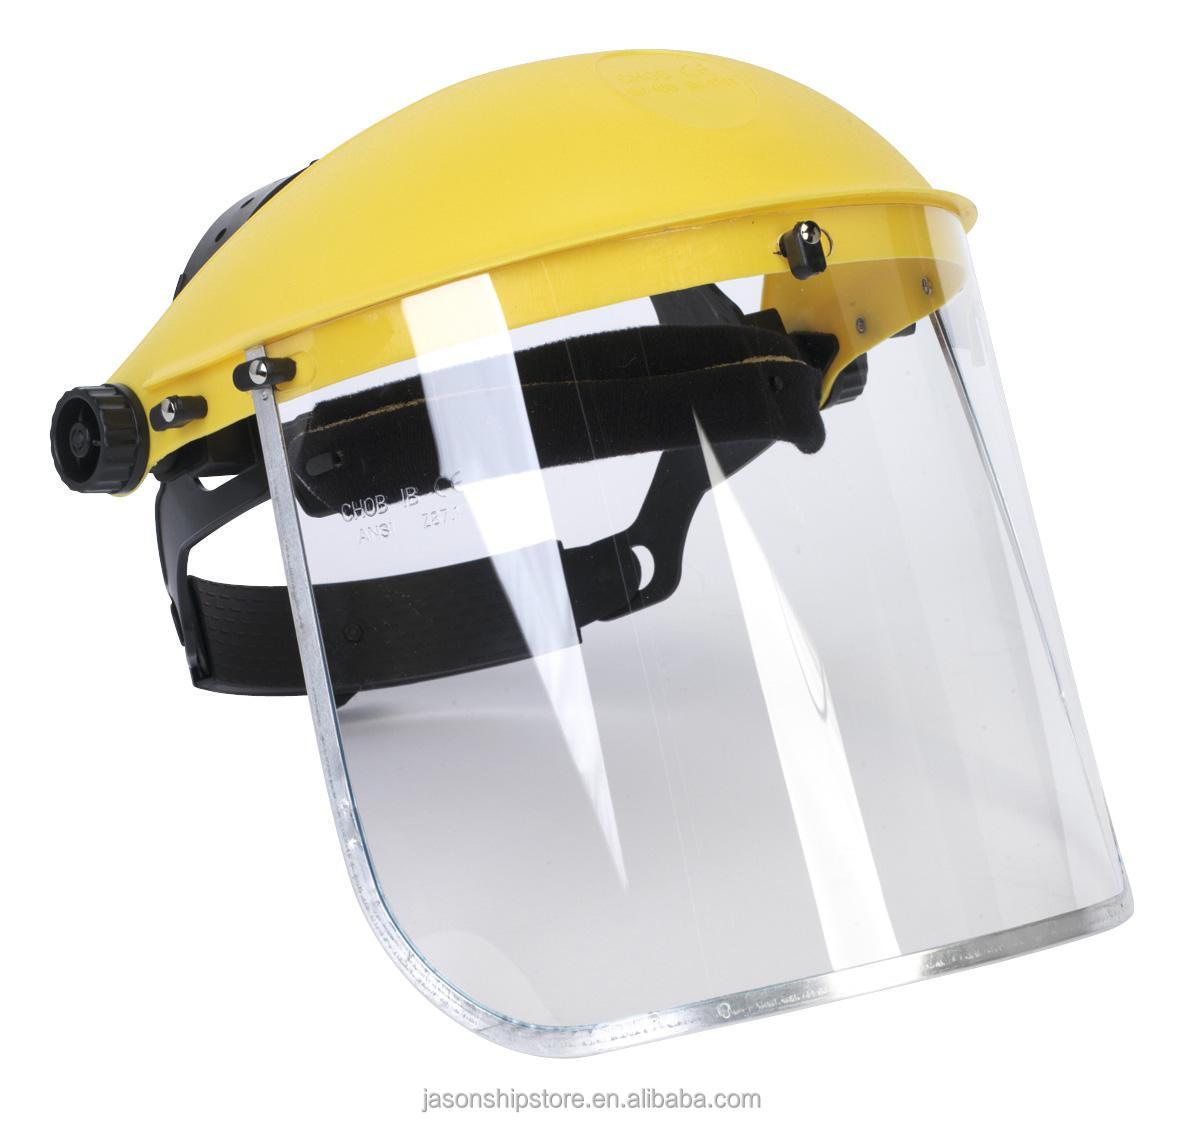 Safety Face Shield >> Marine Wholesale Heavy Duty Welding Safety Face Shield Buy Welding Face Shield Clear Plastic Face Shield Face Shield Product On Alibaba Com